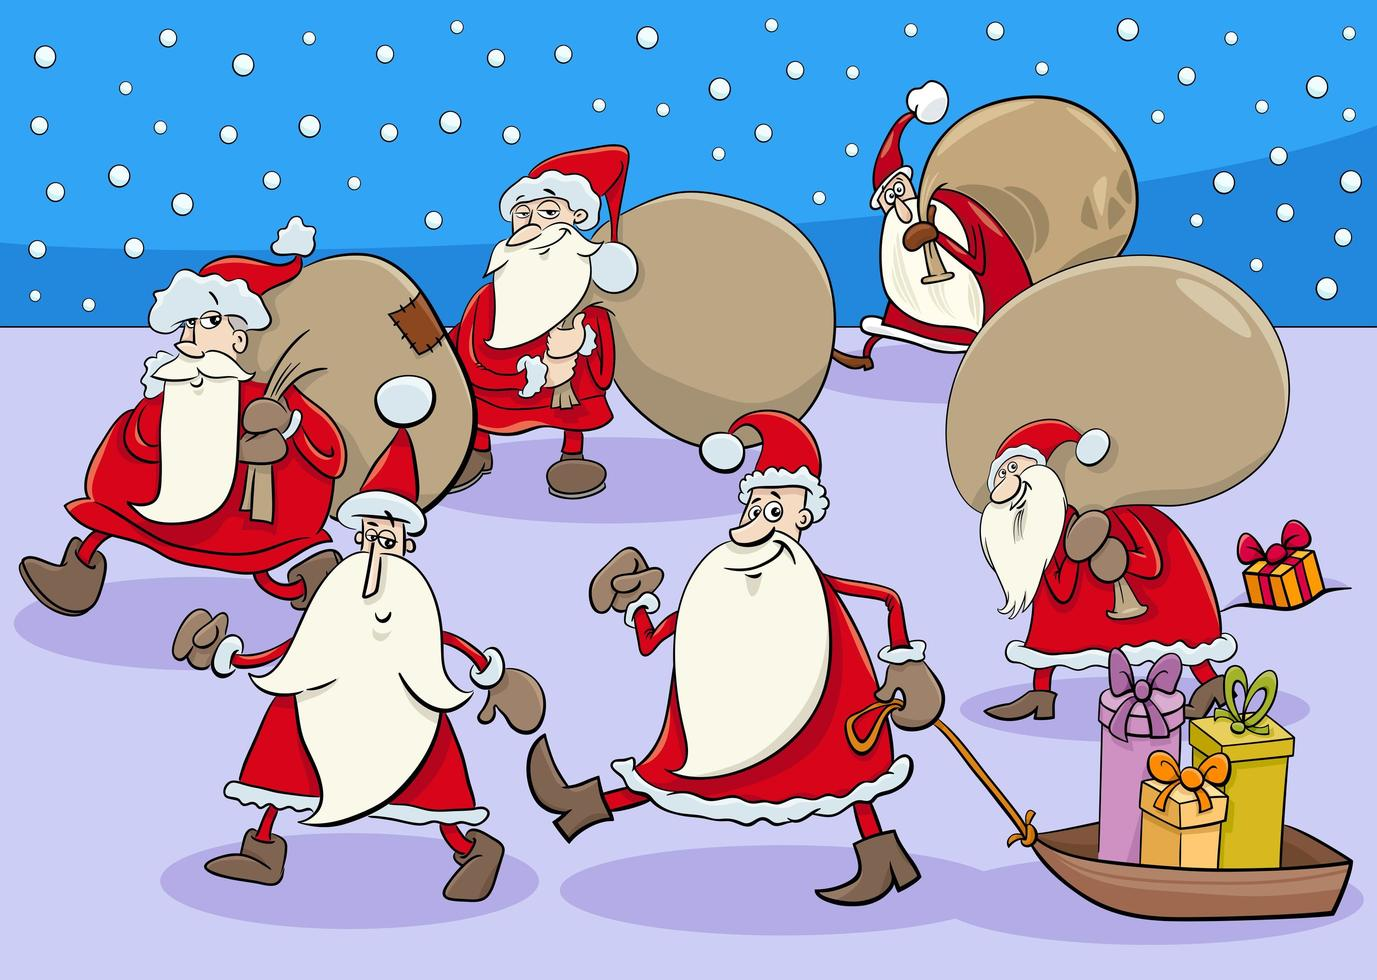 grupo de personajes de dibujos animados de santa claus en navidad vector